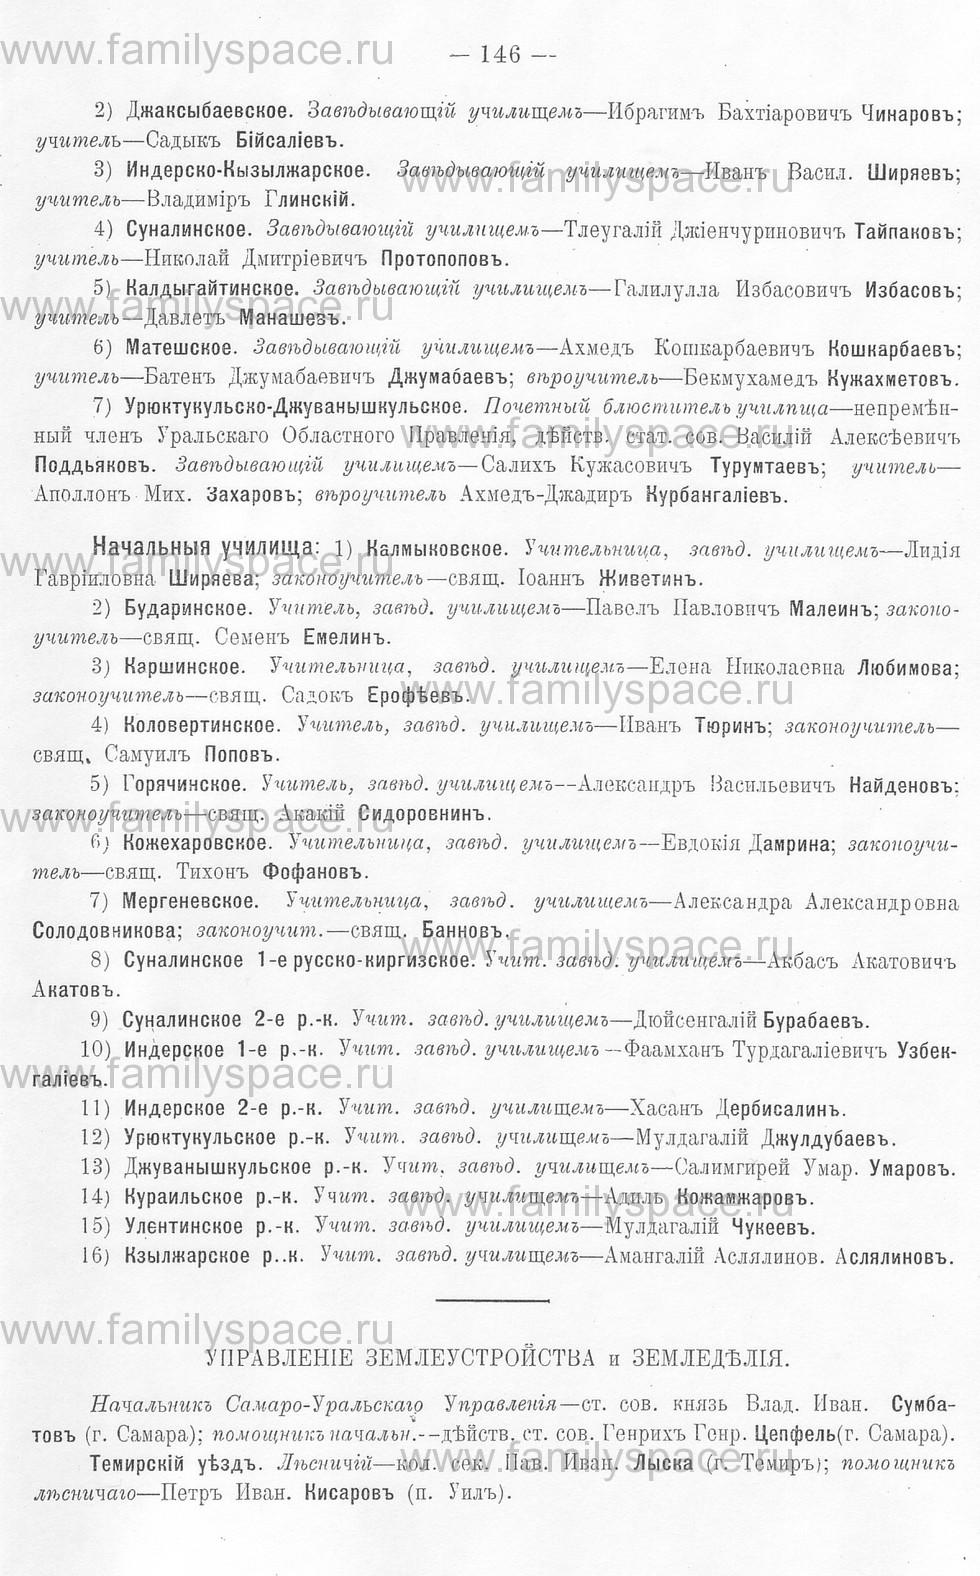 Поиск по фамилии - Памятная книжка Уральской области на 1913 год, страница 146